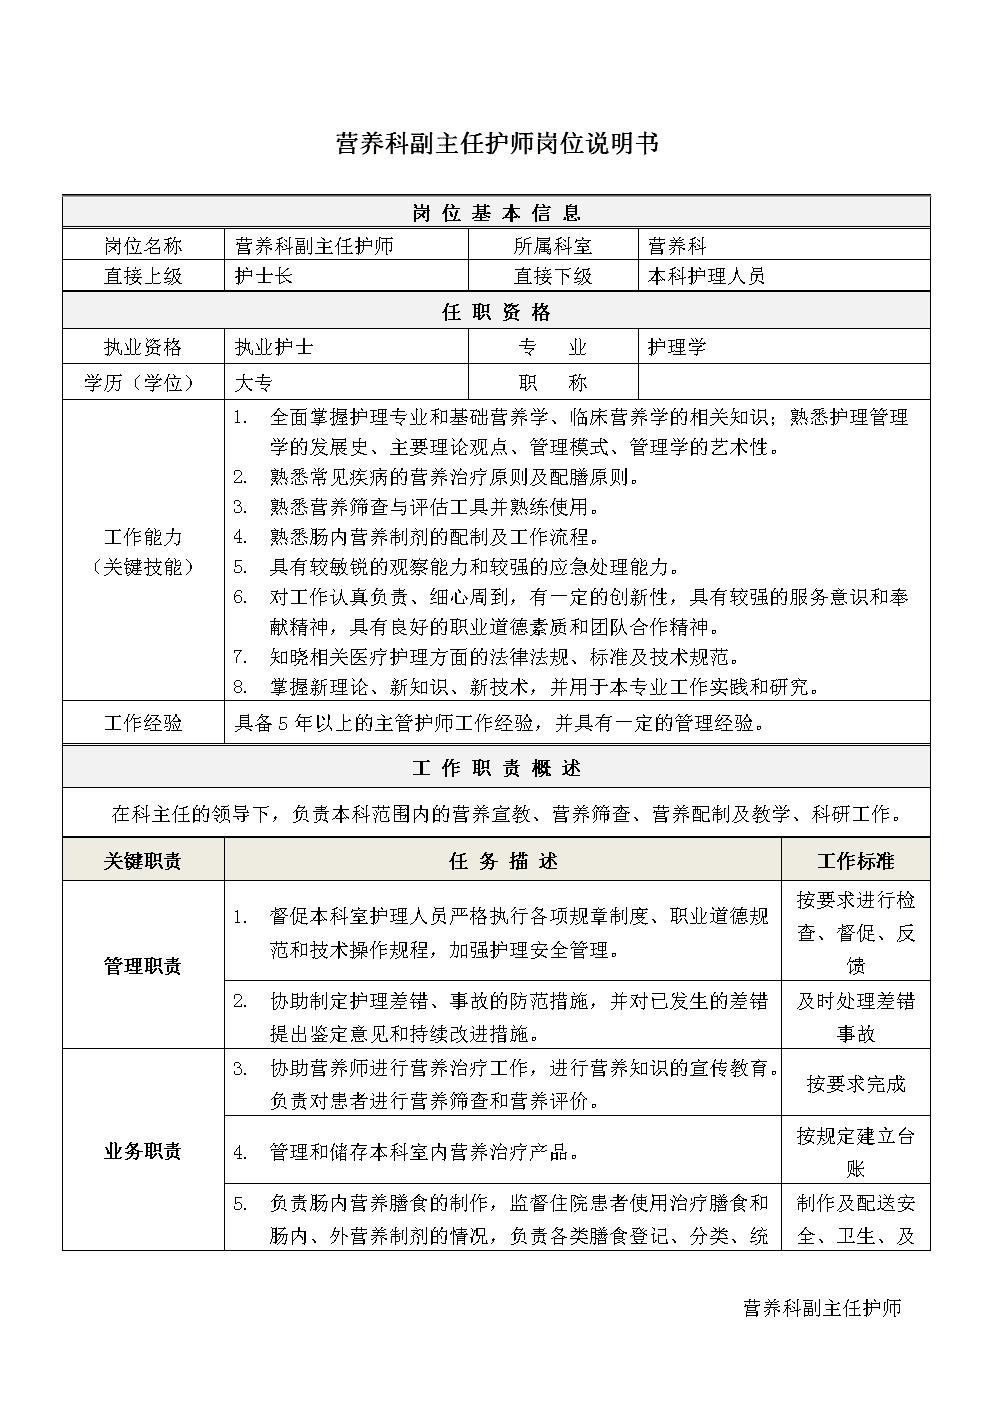 1营养科副主任护师岗位说明书.doc